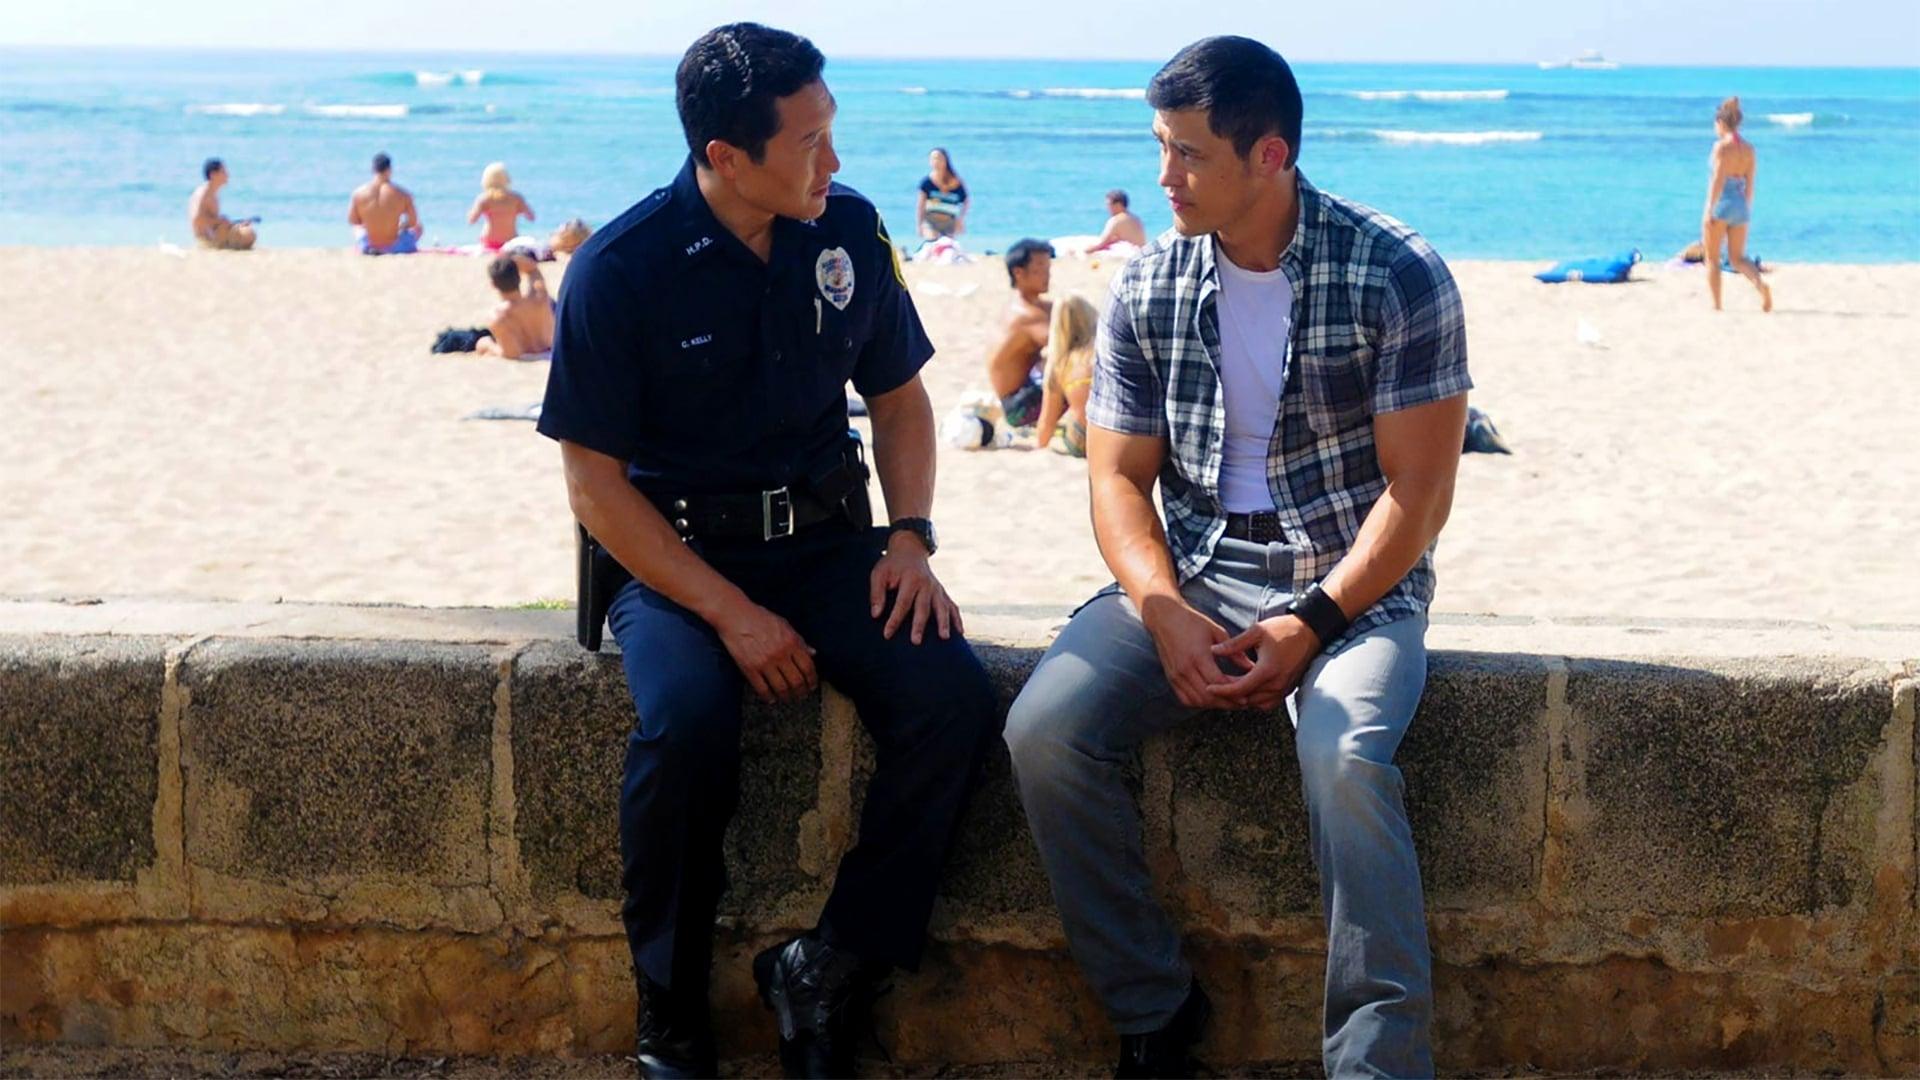 Hawaii Five-0 - Season 4 Episode 13 : Hana Lokomaika'i